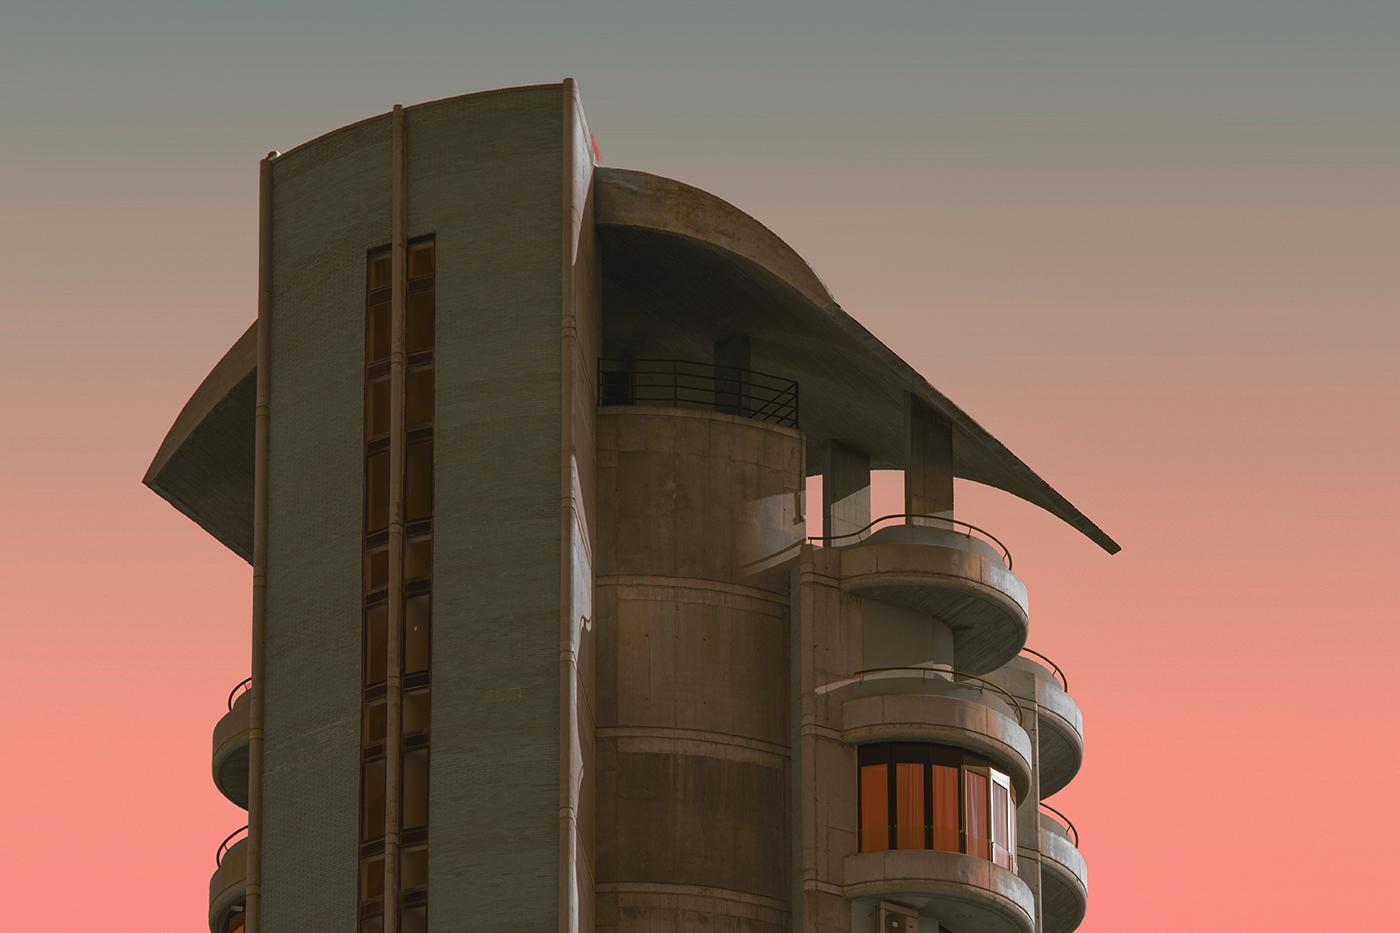 Stunning Alien Architecture (9 pics)